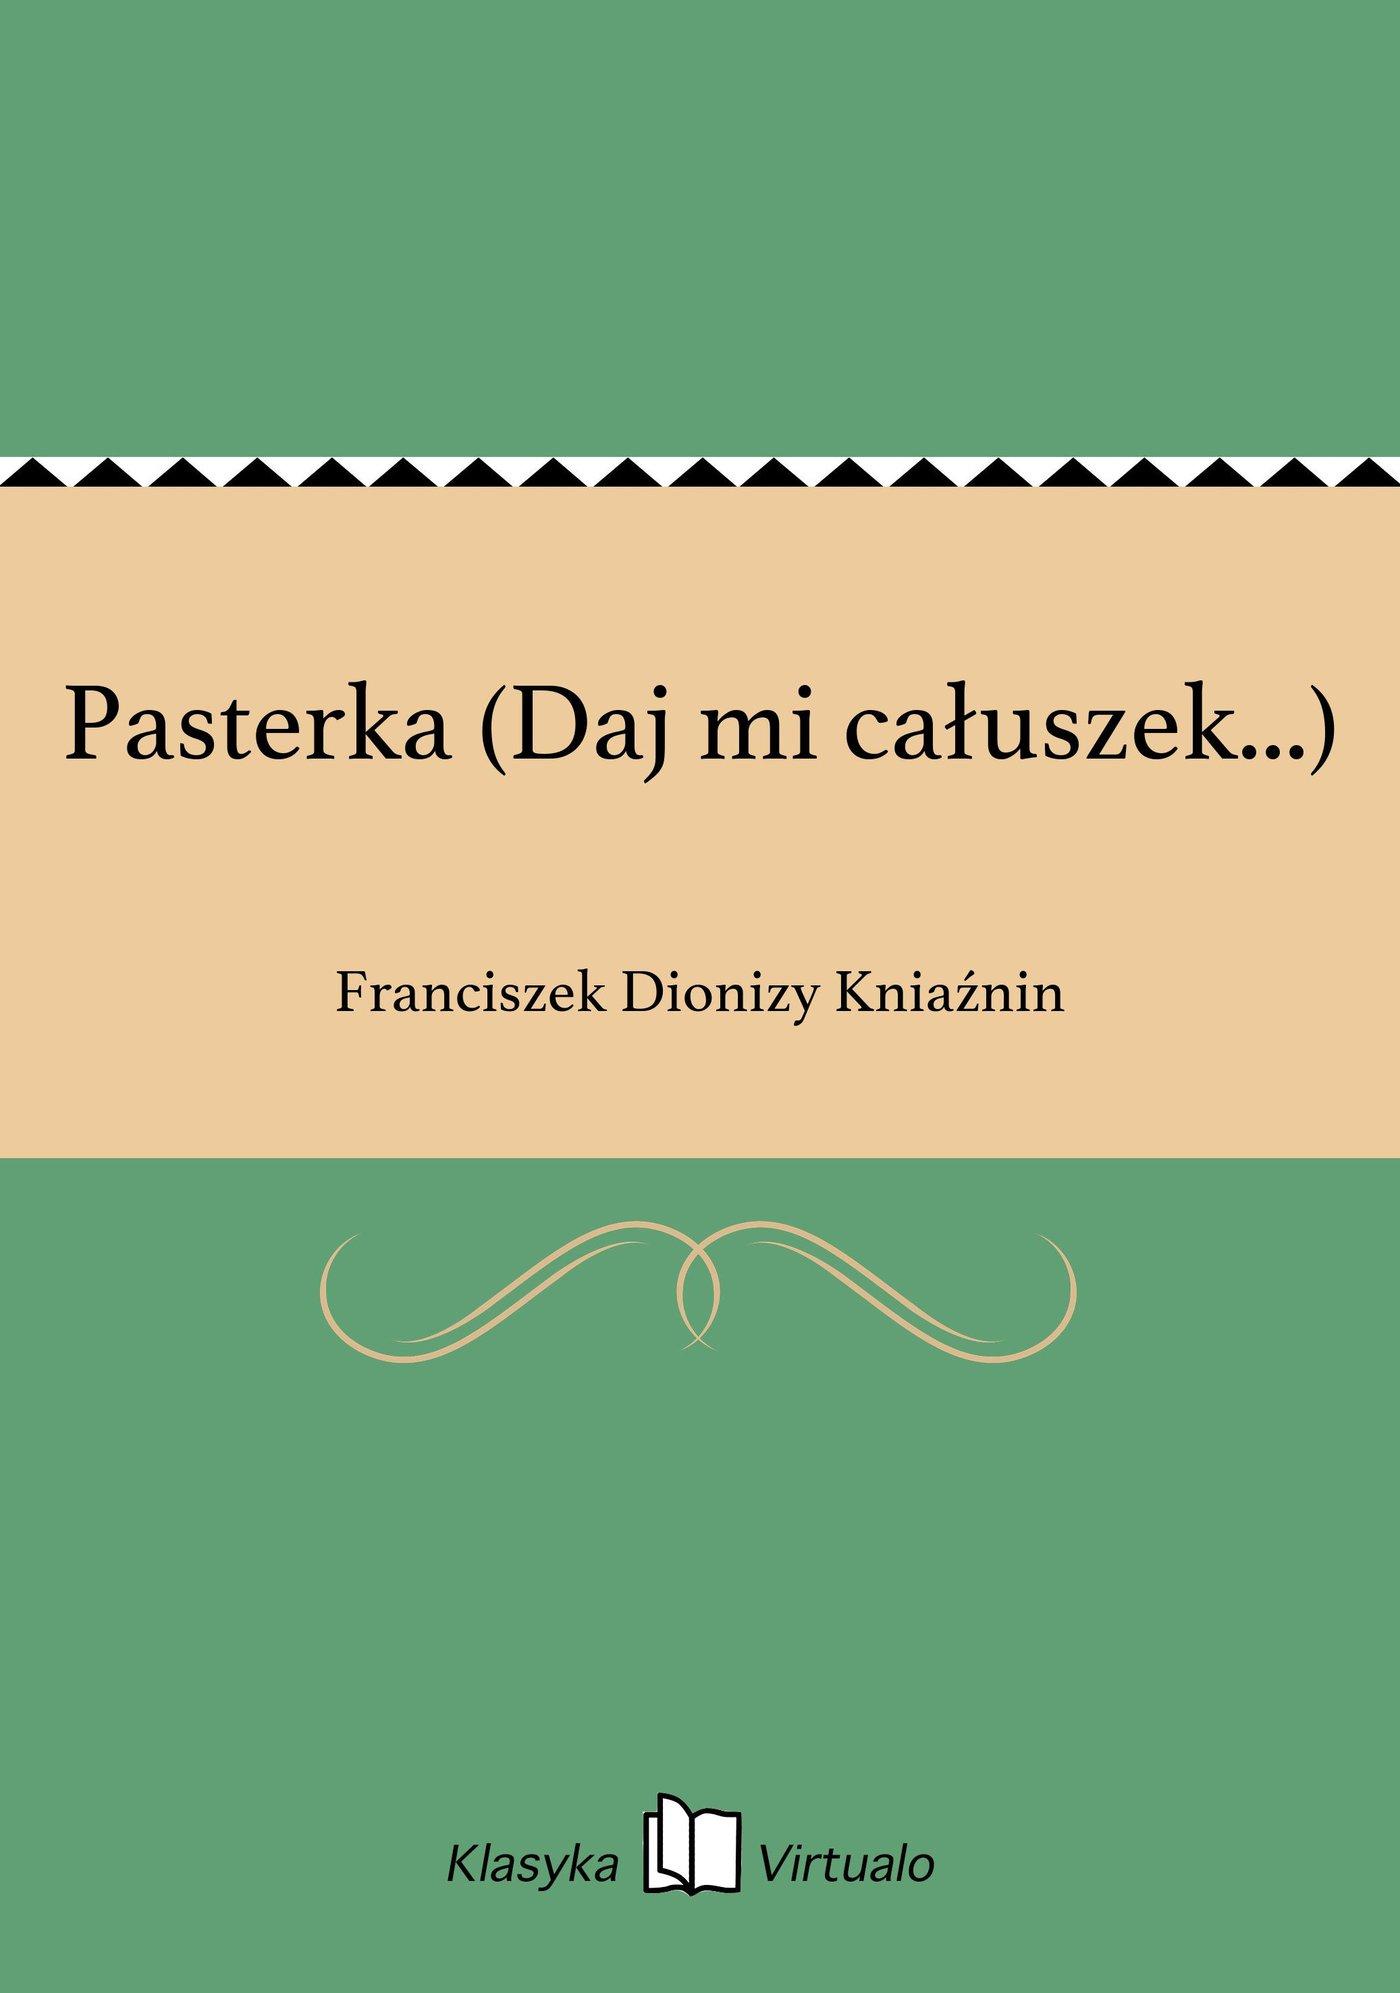 Pasterka (Daj mi całuszek...) - Ebook (Książka EPUB) do pobrania w formacie EPUB